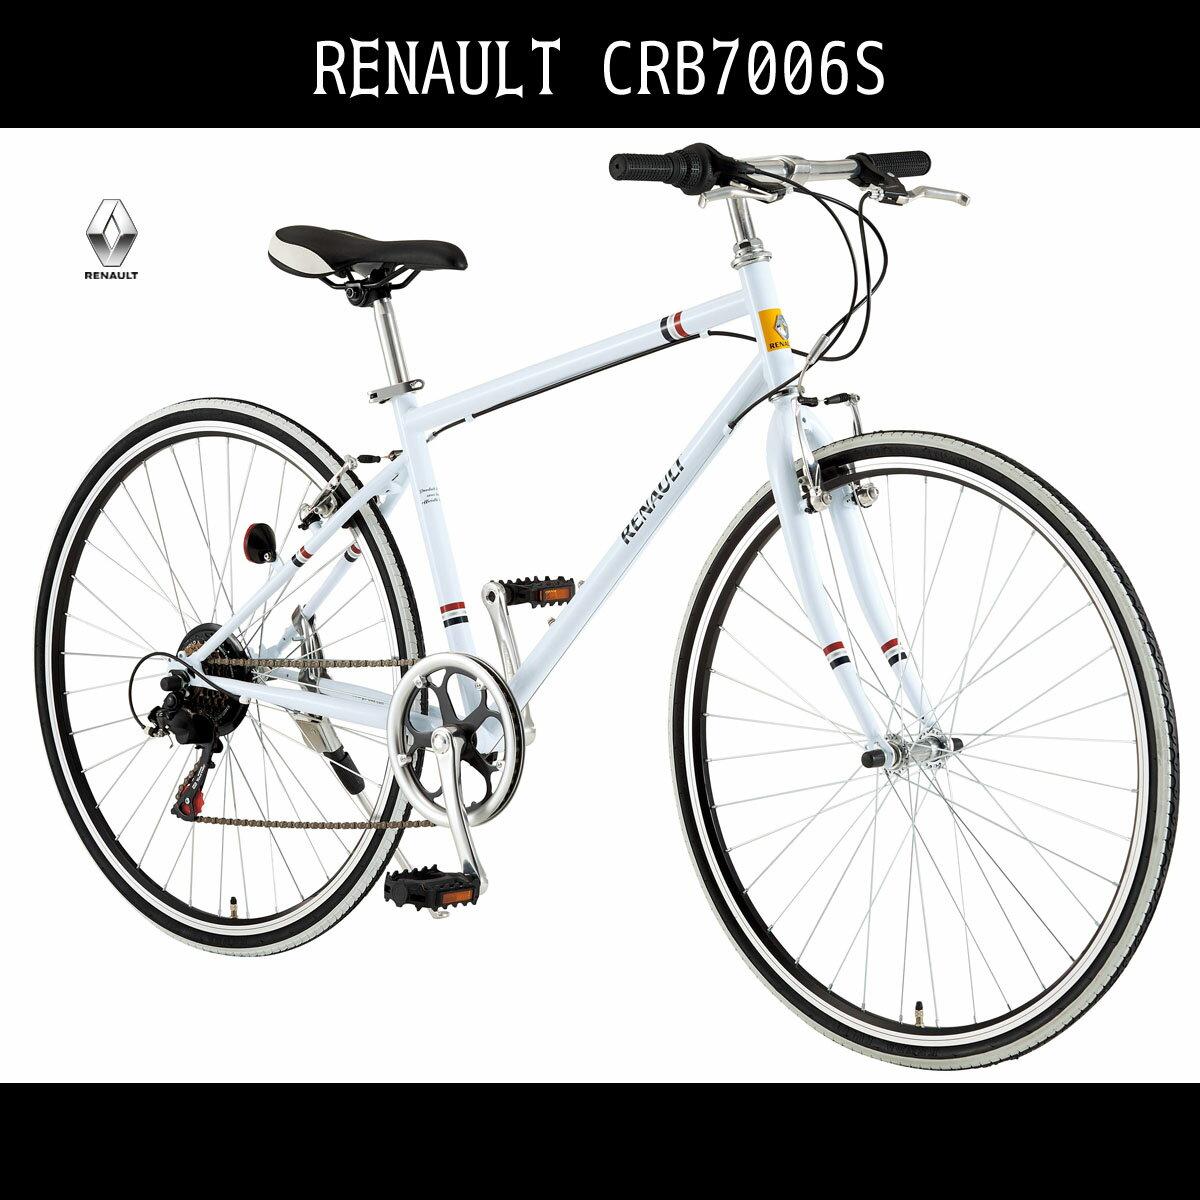 送料無料 クロスバイク ルノー 自転車 ホワイト 白色700c クロスバイク 軽量 外装6段変速ギア付き CRB7006S スピード6段変速 6段ギアでストライプタイヤなので、おしゃれ かっこよくツーリングができる自転車 RENAULT ルノー 激安 おしゃれ 安い